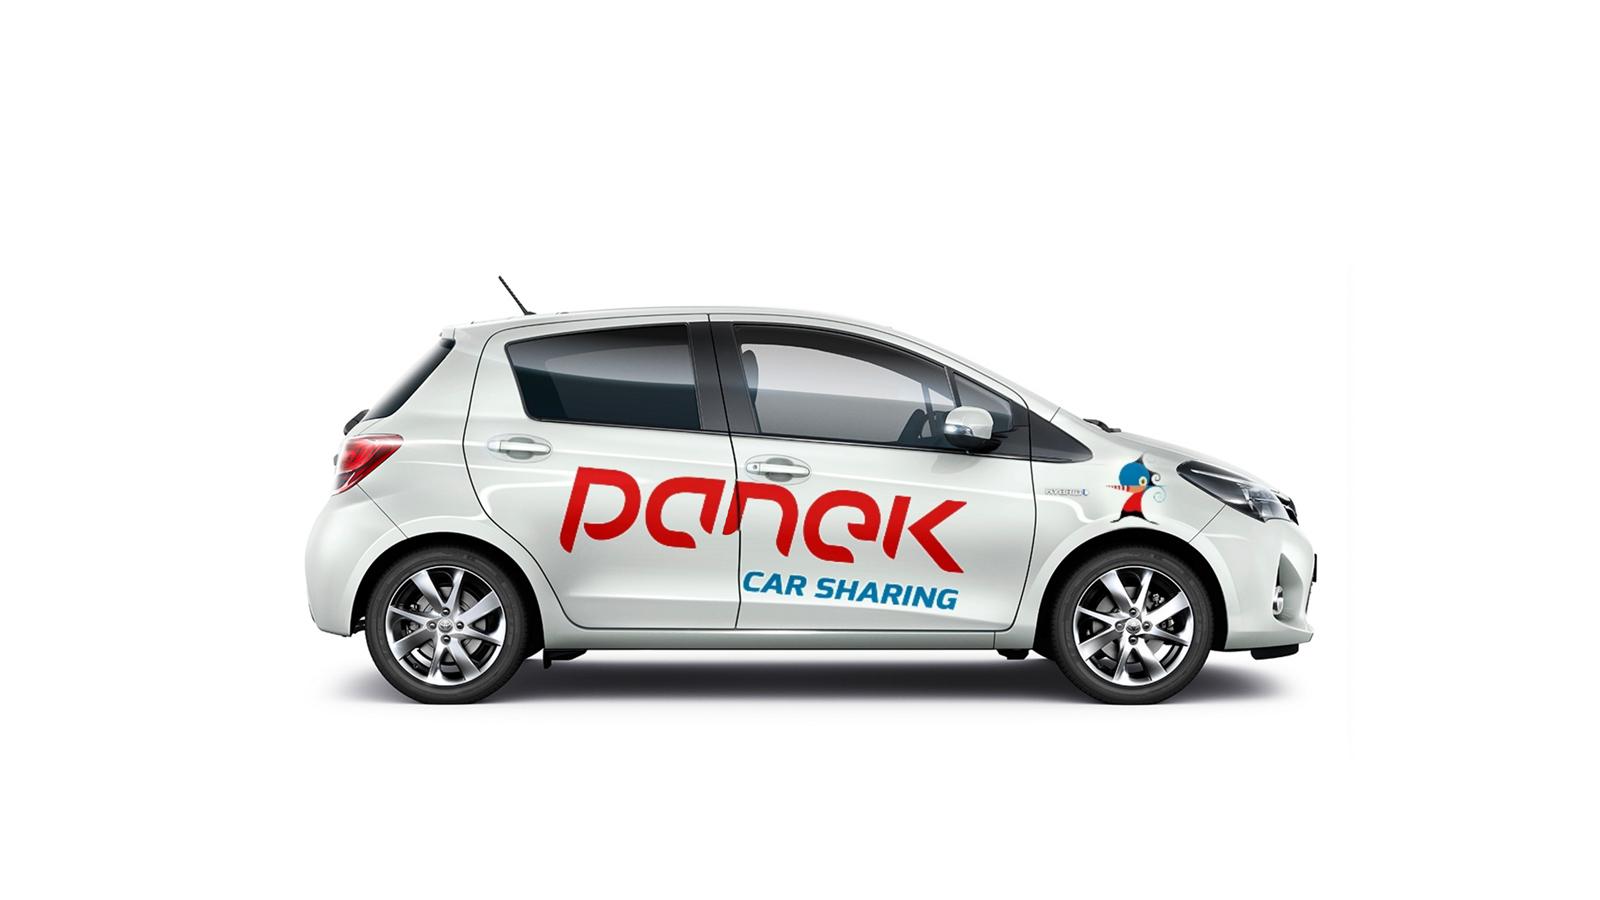 carsharing w warszawie - panek, traficar, 4mobility